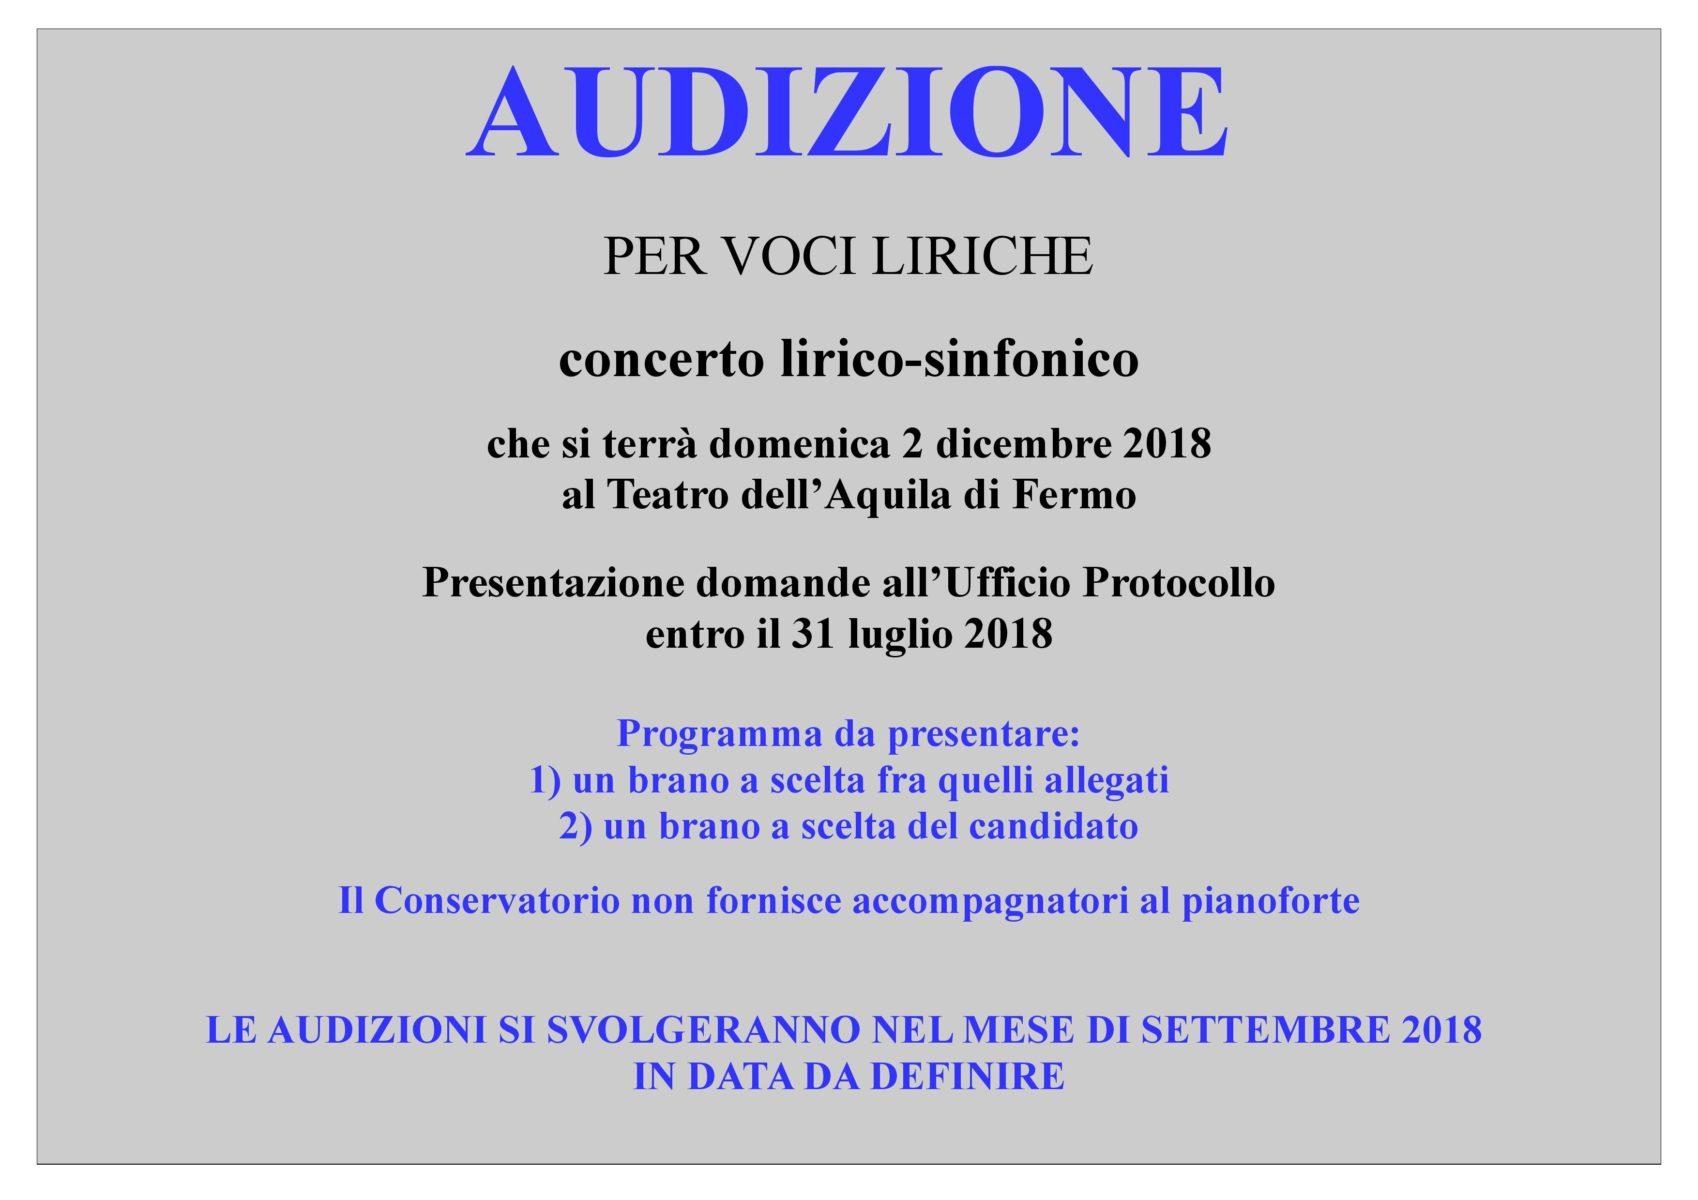 Avviso Audizioni Concerto lirico-sinfonico 2 dicembre